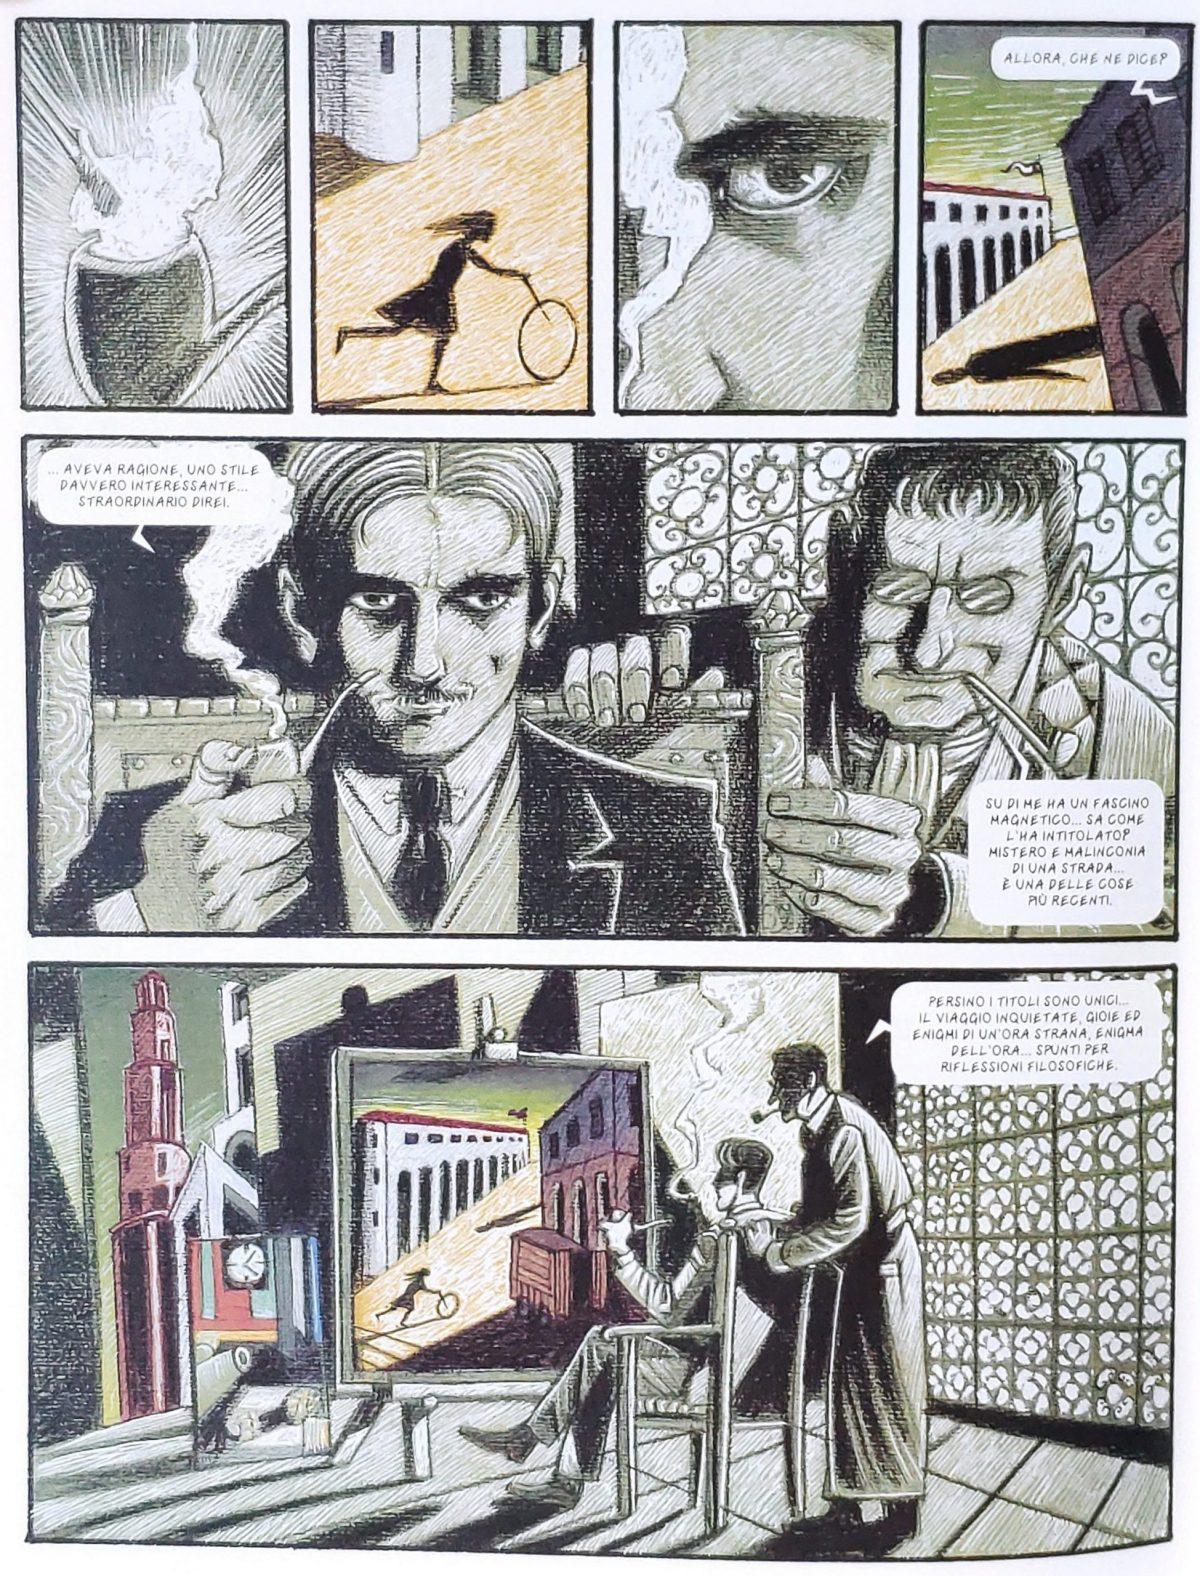 Mio caro fumetto... - Fascino magnetico, enigma e concetti filosofici nei quadri di De Chirico